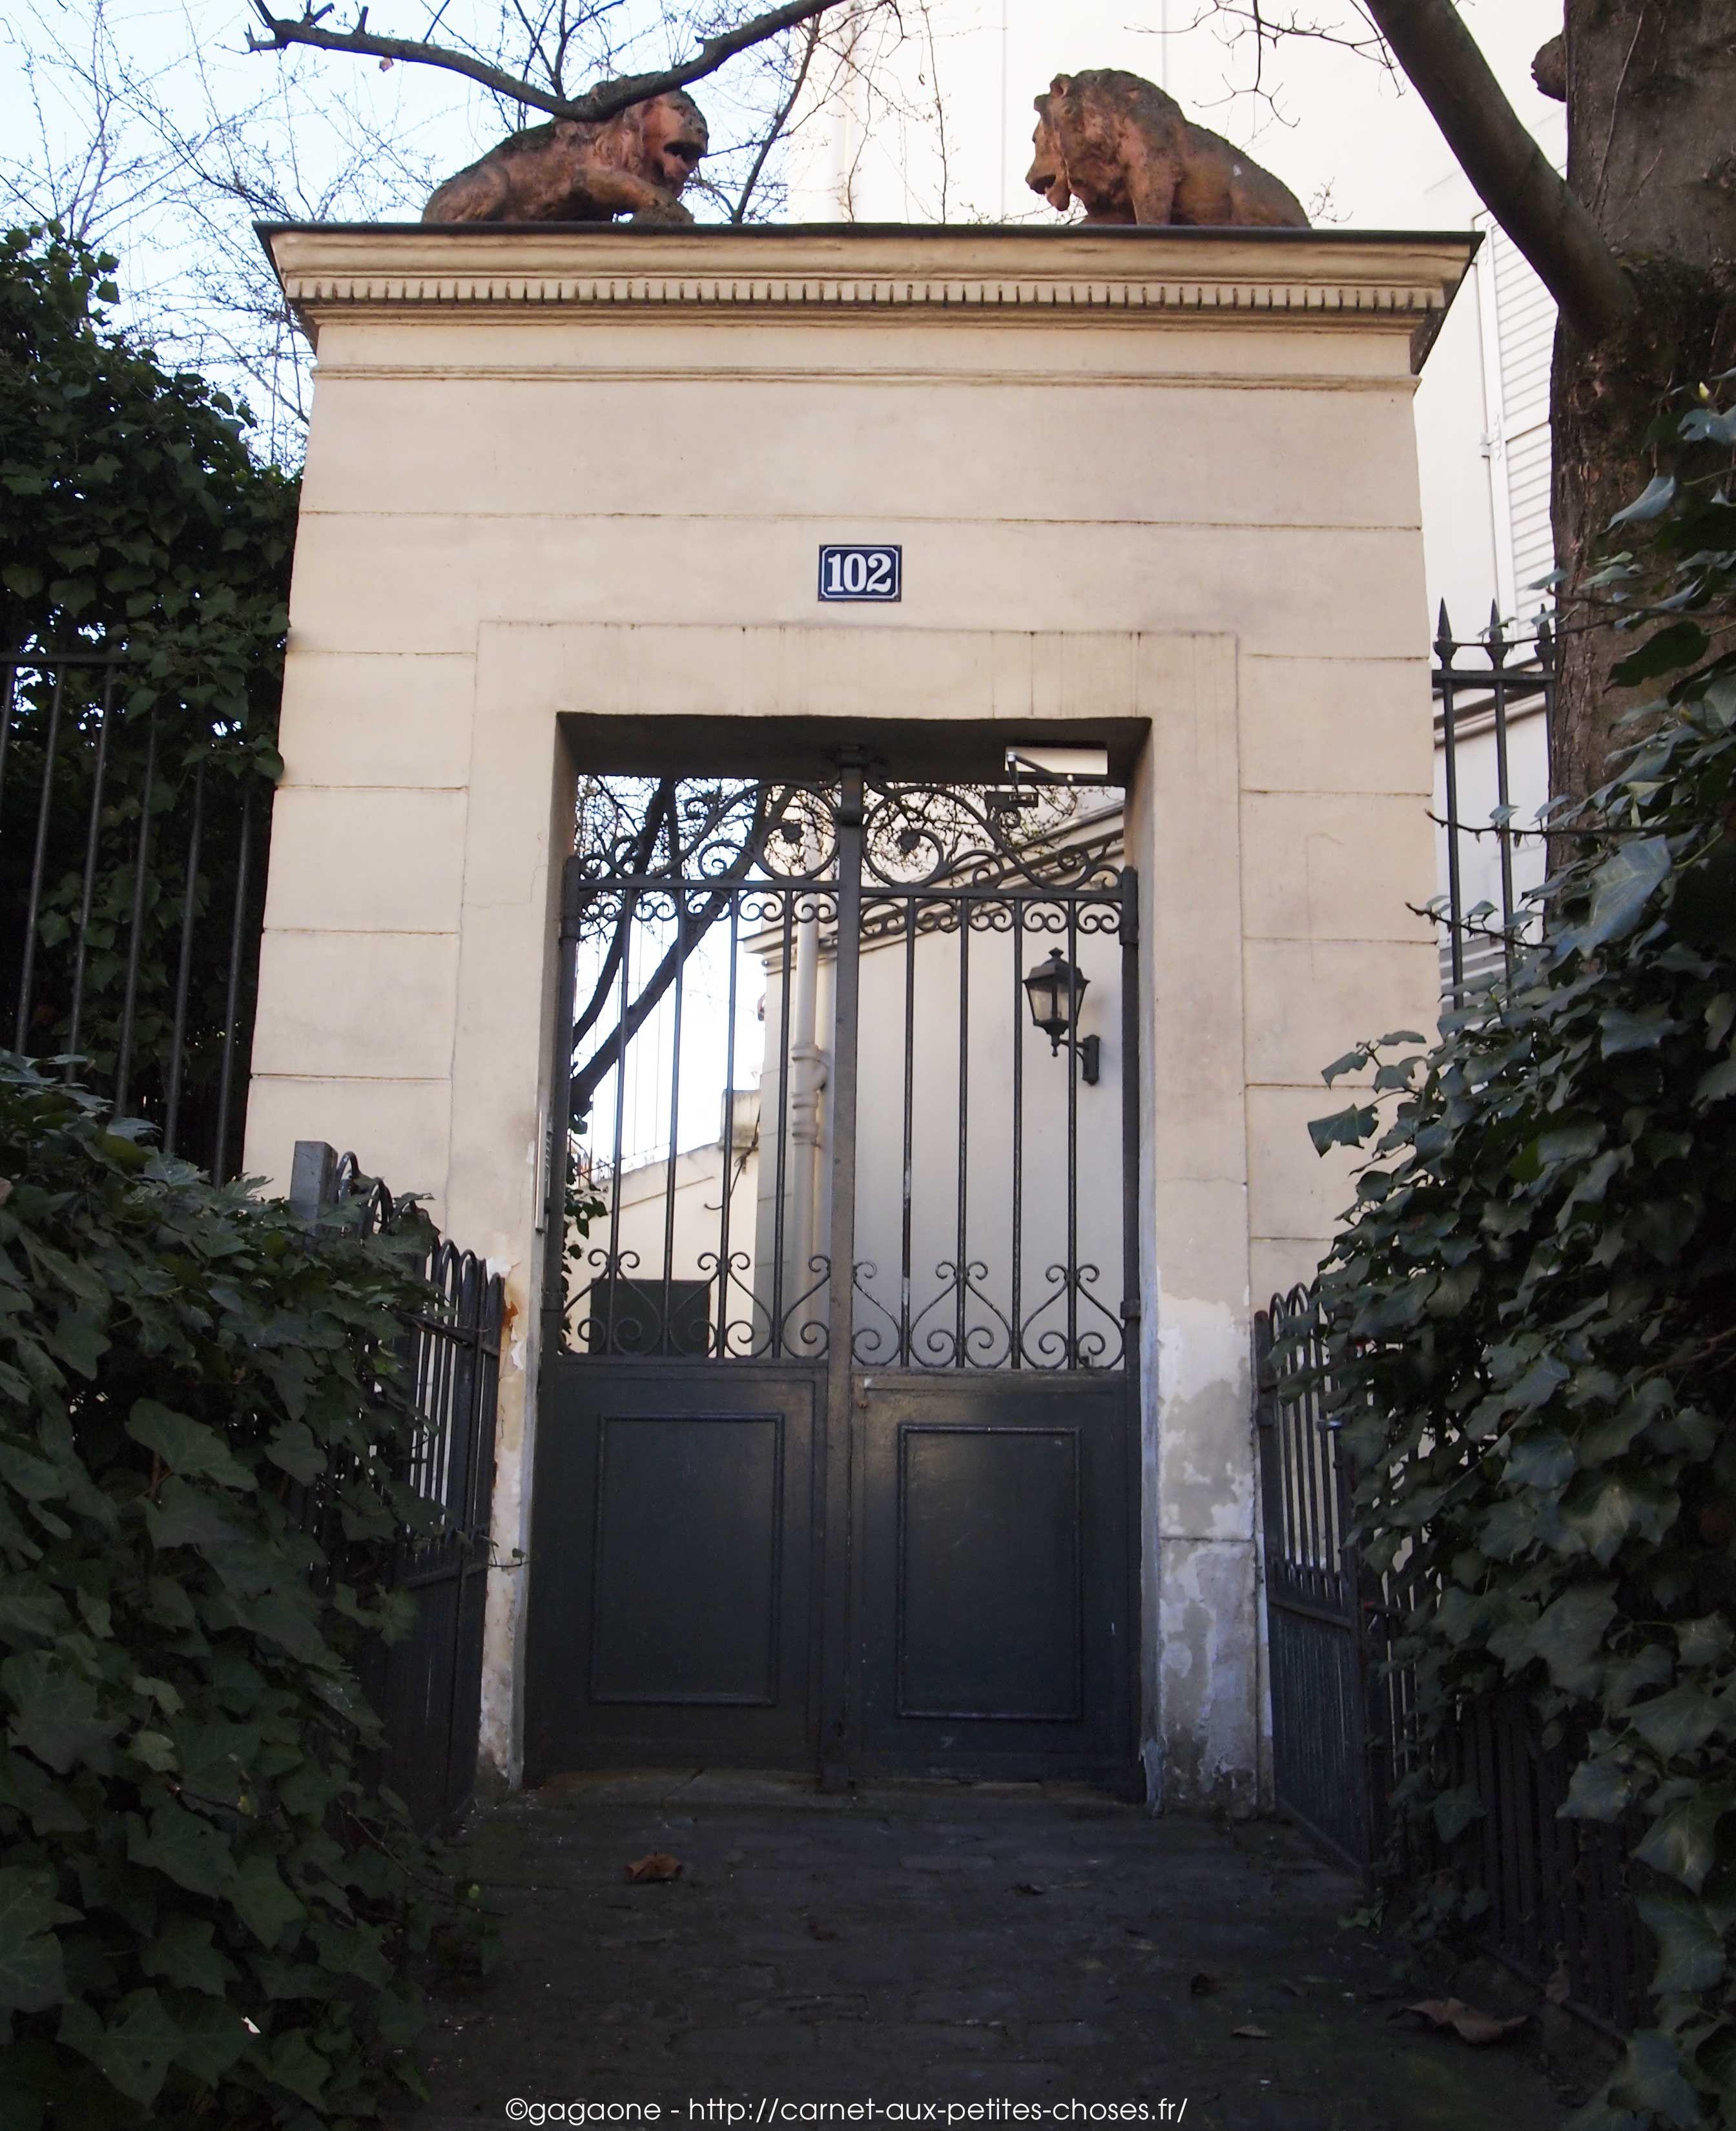 Balade insolite dans le 12ème, jardins et voies atypiques ...